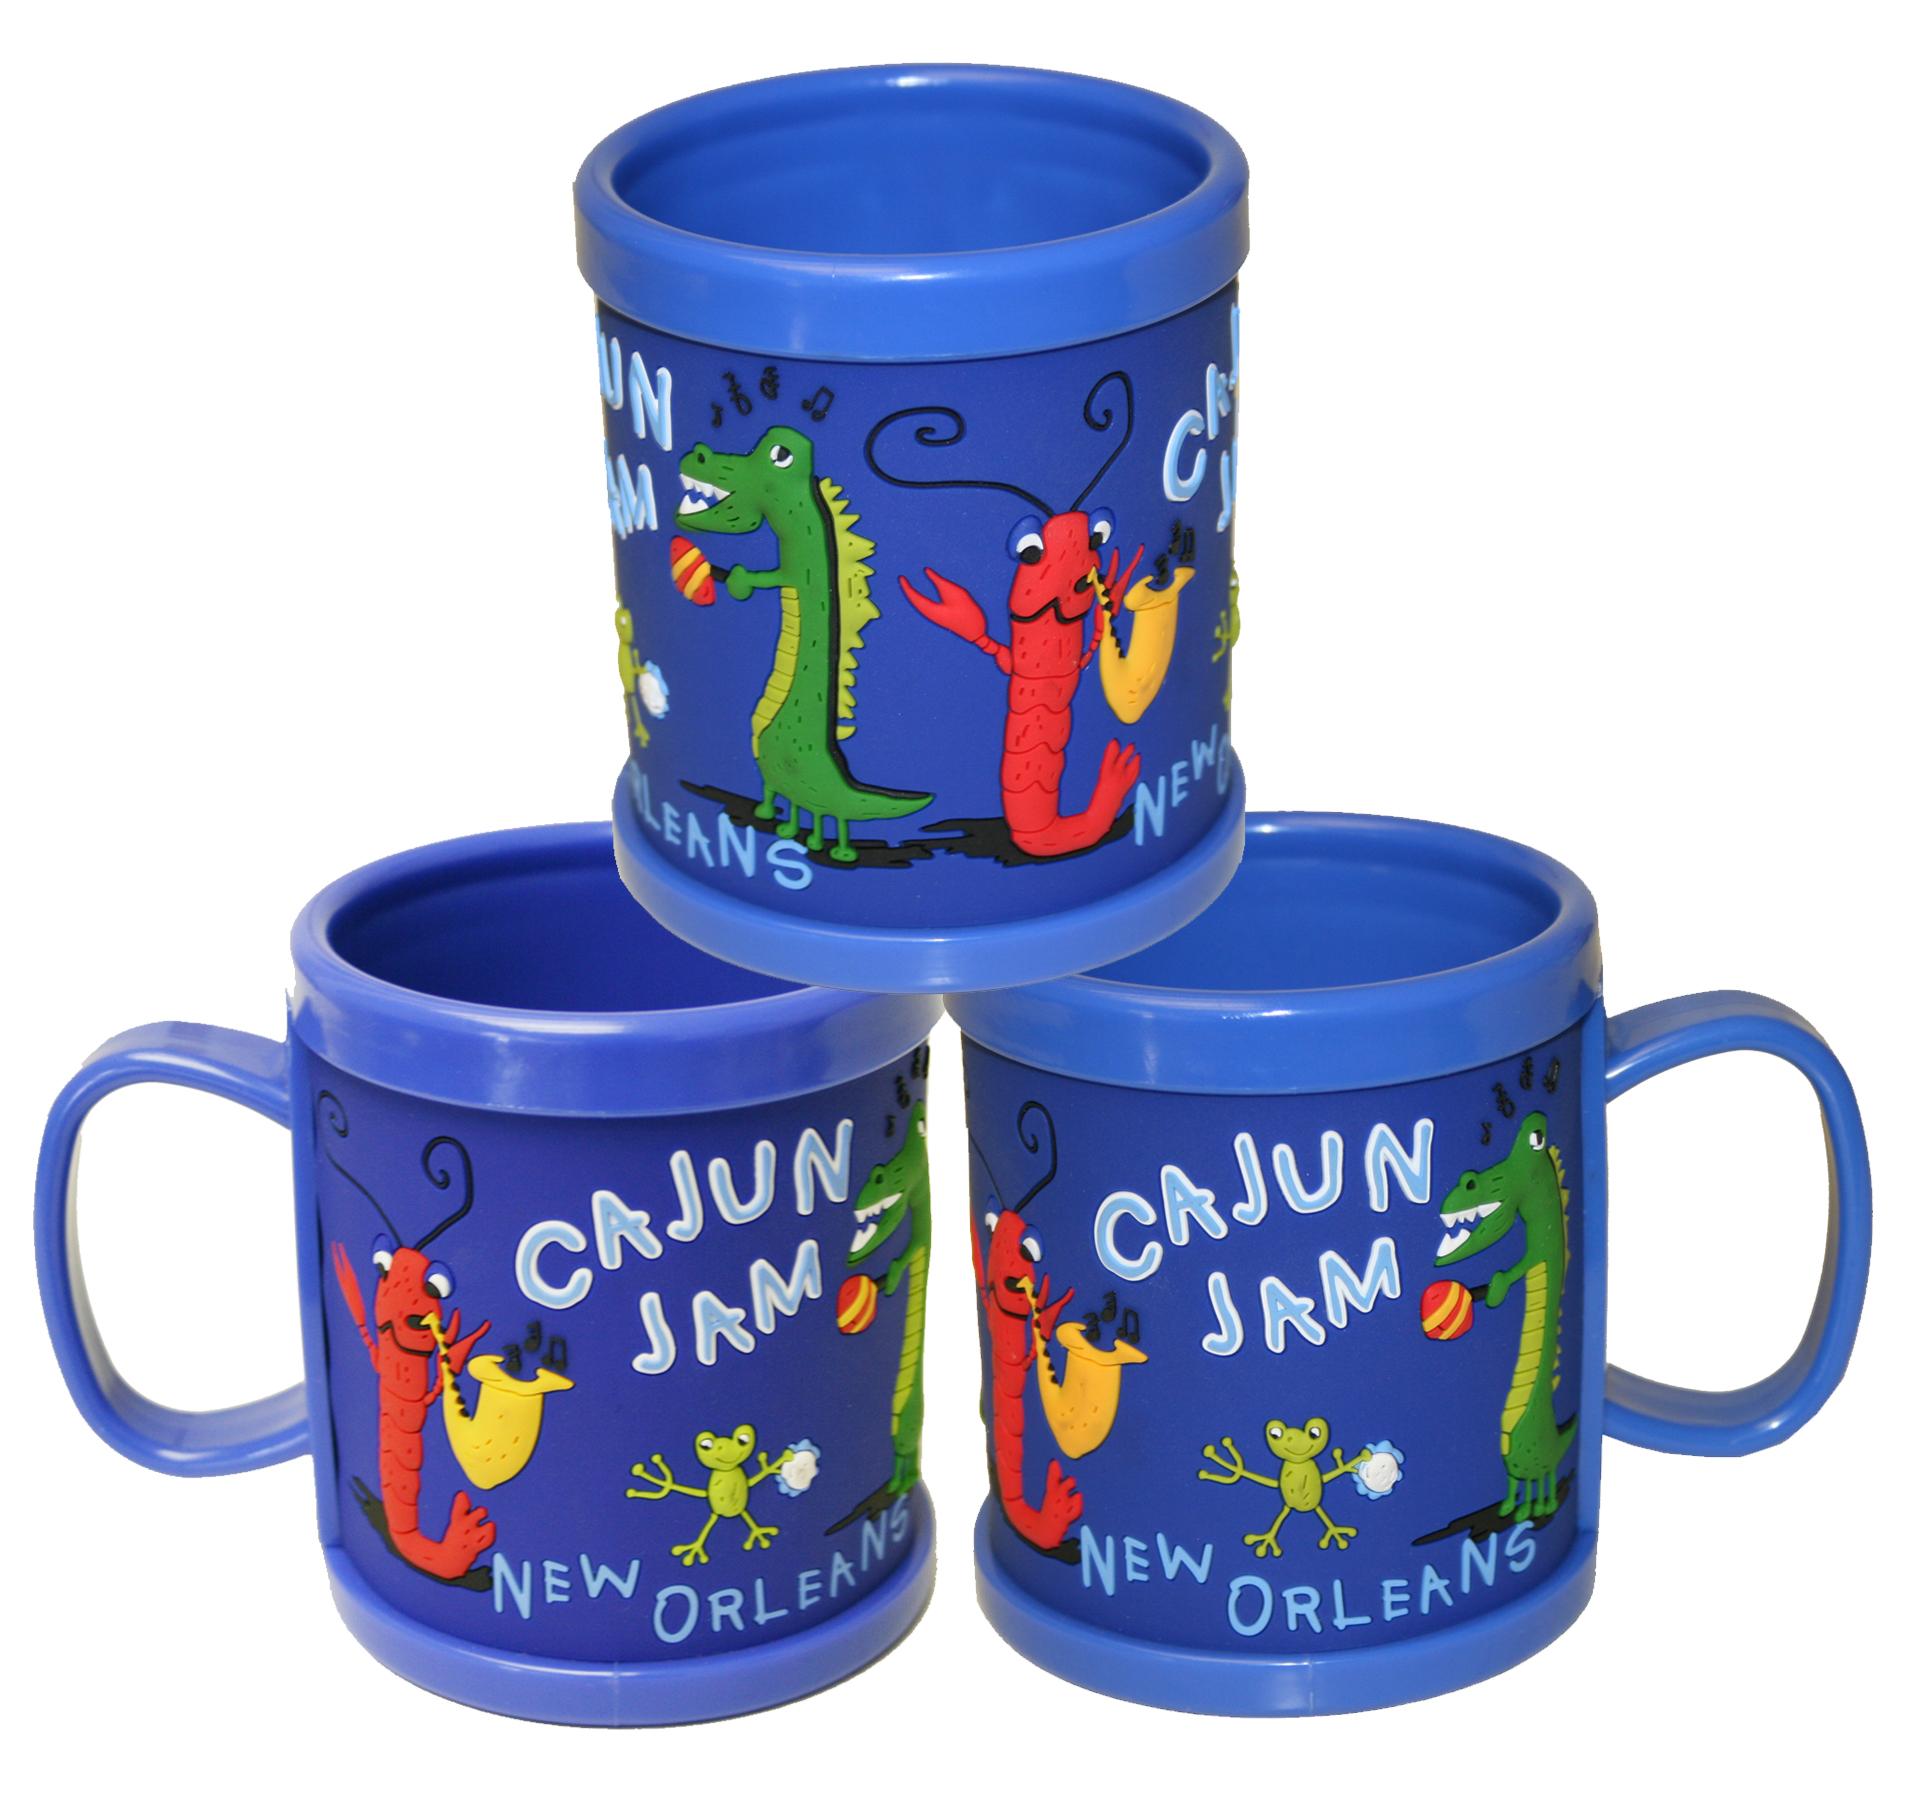 Cajun Jam Kids Plastic Mug,04HANK